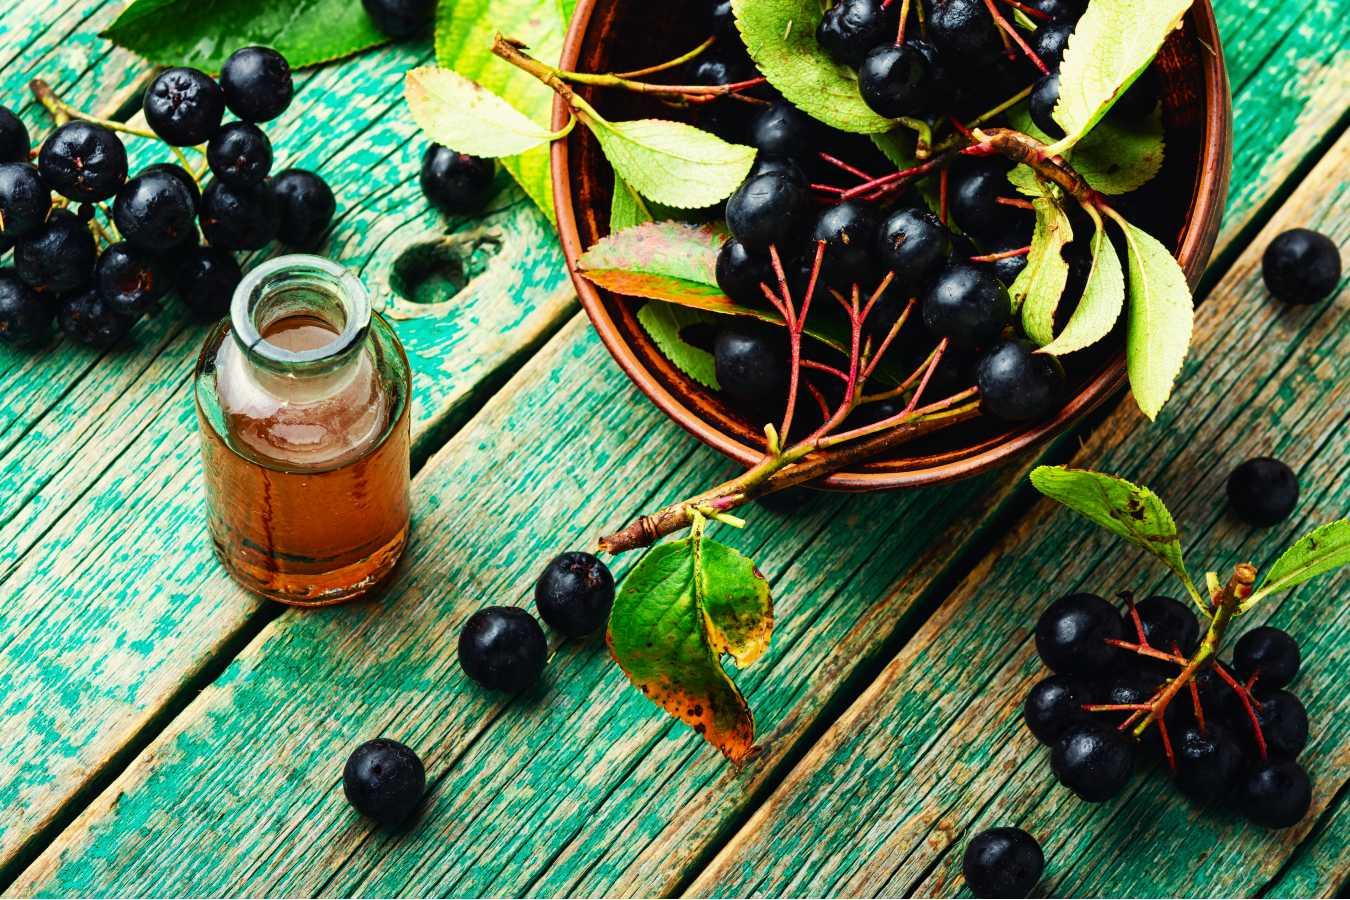 Jak zrobić sok z aronii żeby nie był cierpki? Poznaj sprawdzony sposób